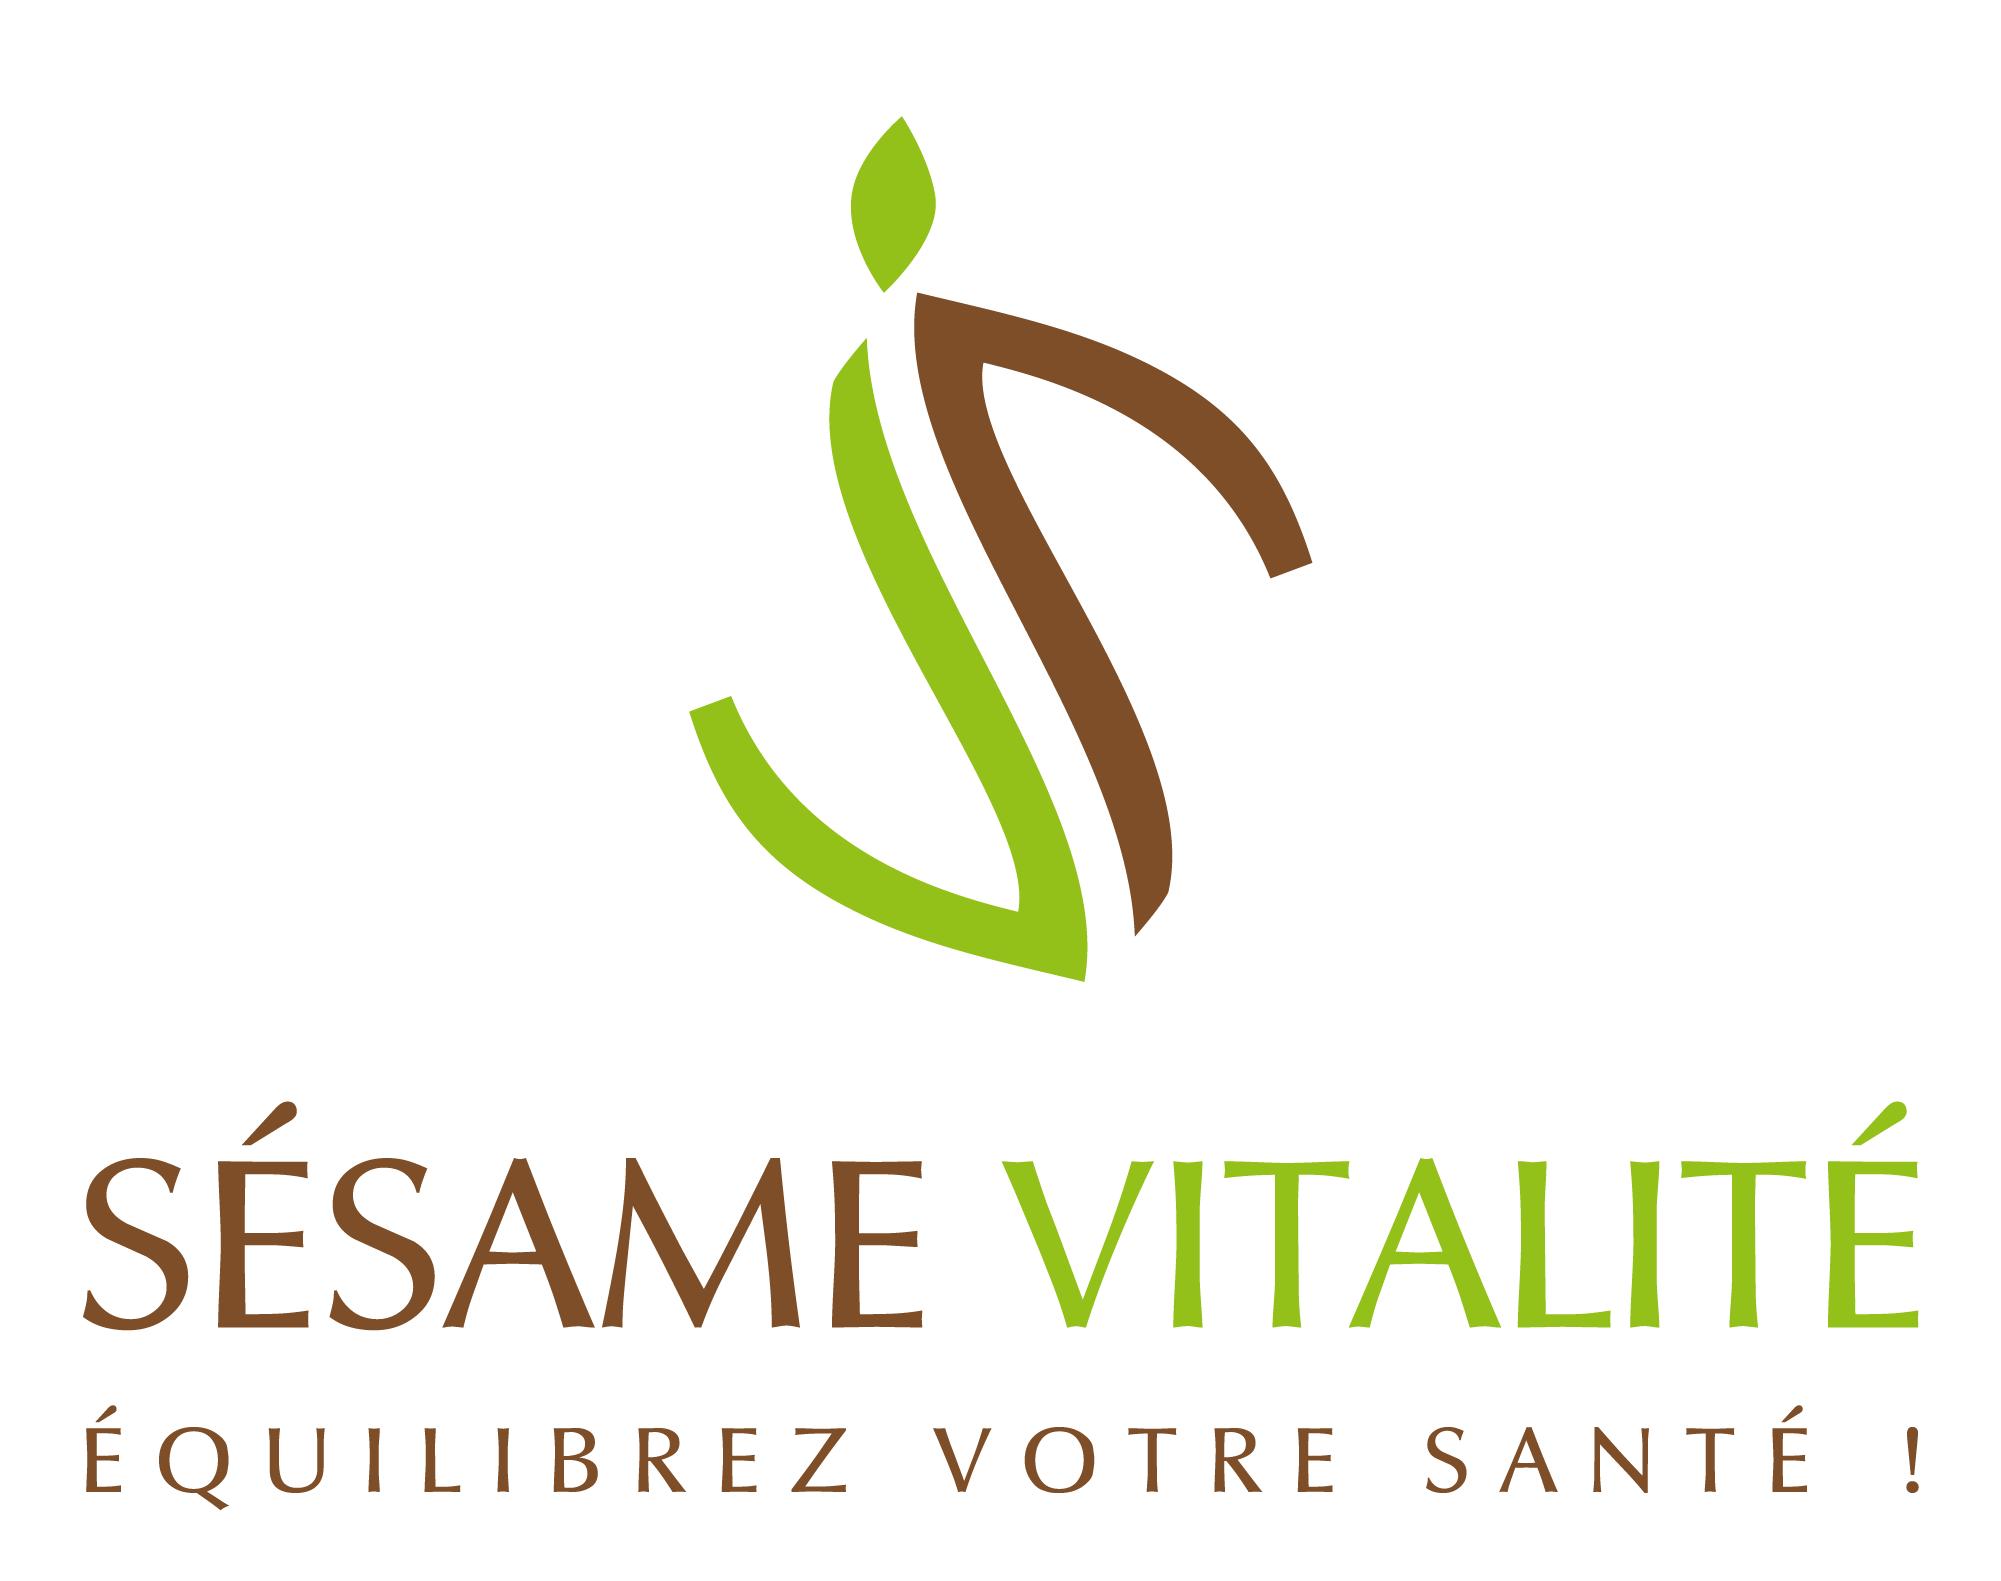 Imaginez un logo unique pour Sésame Vitalité